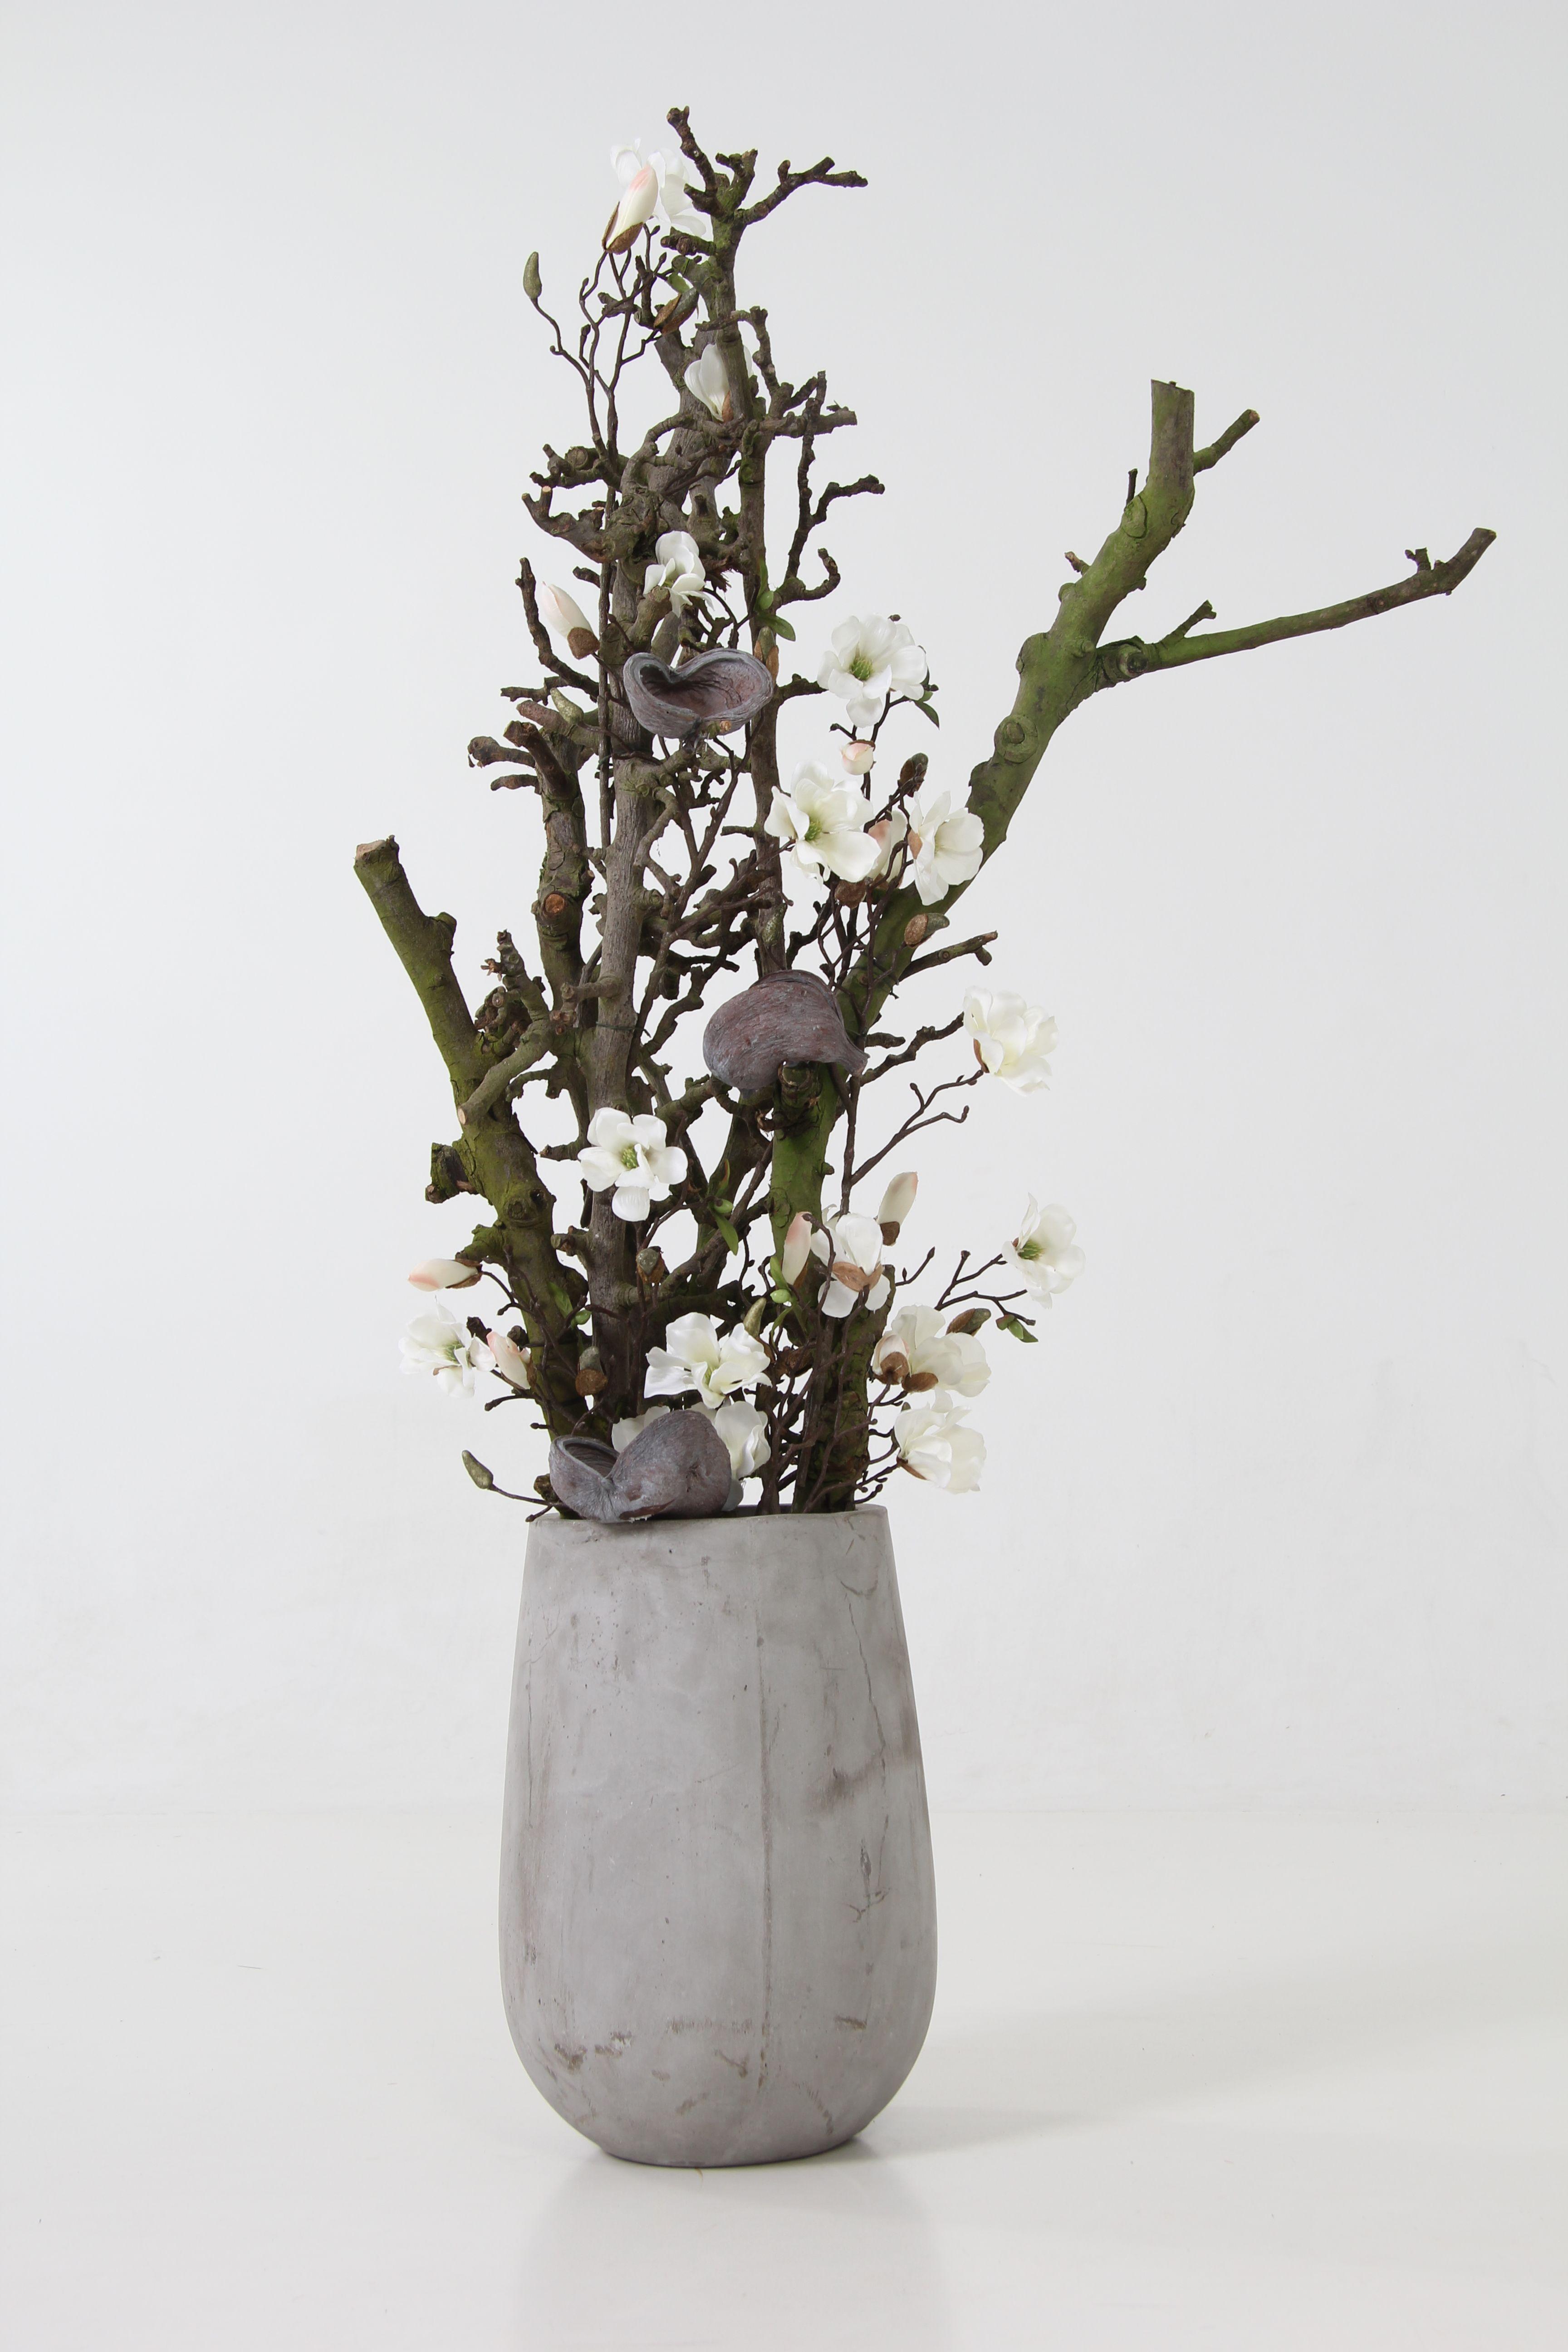 Decoratie Gemaakt Met Decoratietakken En Zijde Magnolia Bloemen Dit Alles Is Verkrijgbaar Op Webshop Decoratietakken Nl Bloemenvazen Bloemstukken Decoratie